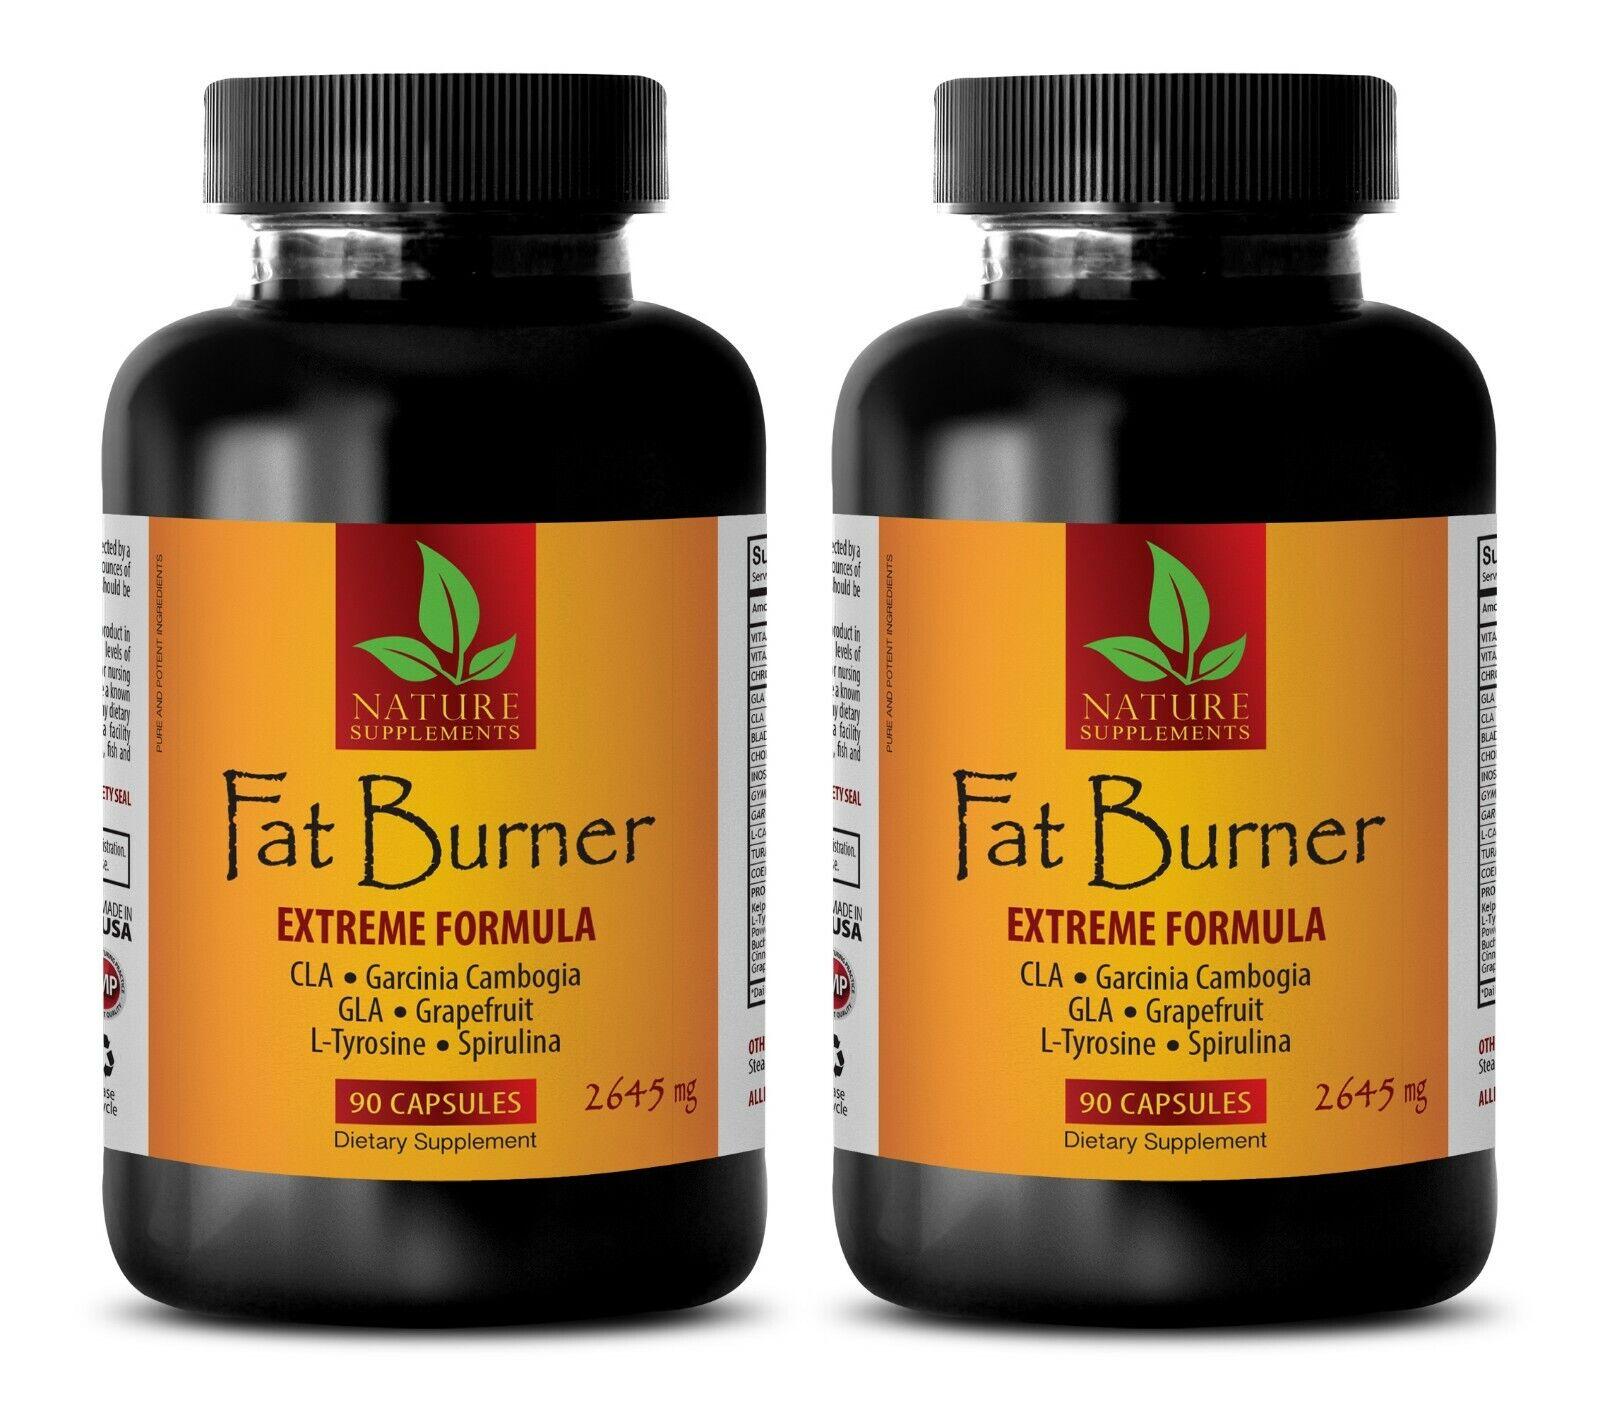 Weight loss pills for women - EXTREME FAT BURNER - Cla bulk